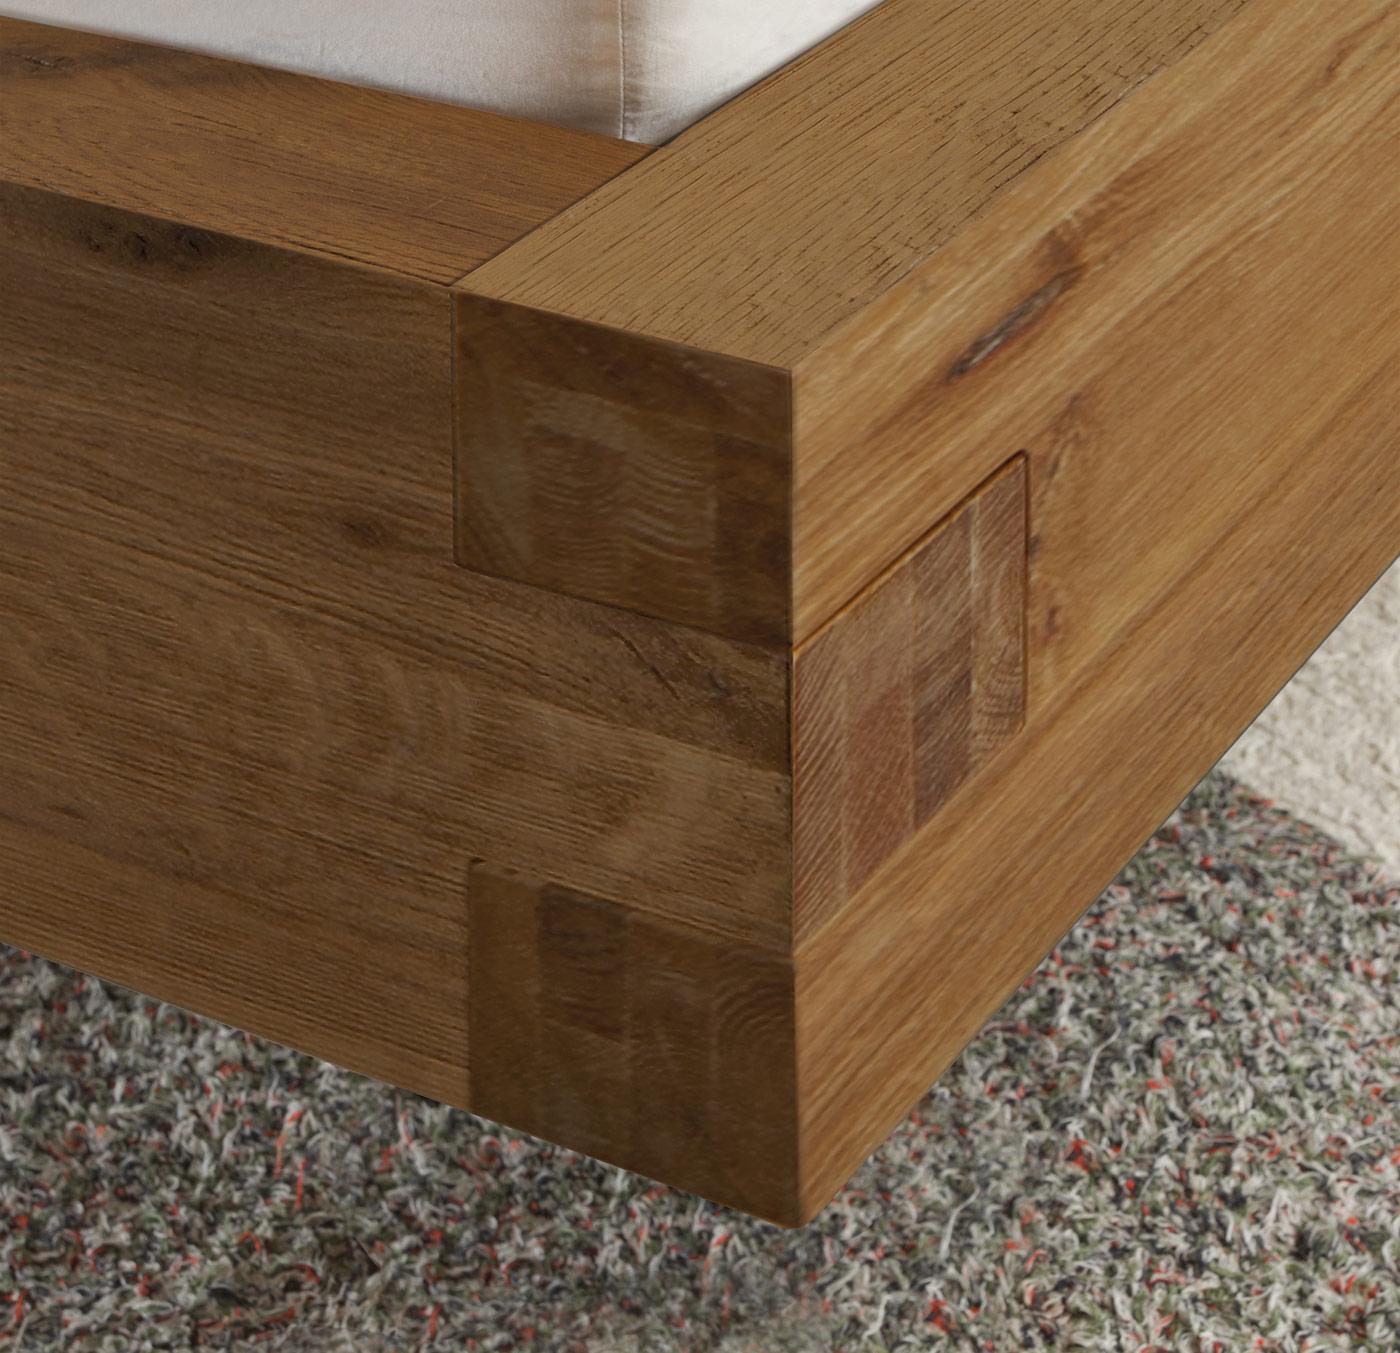 Holzbett rustikal hoch  Rustikales Bett aus Wildeiche in Balkenoptik - Kasos